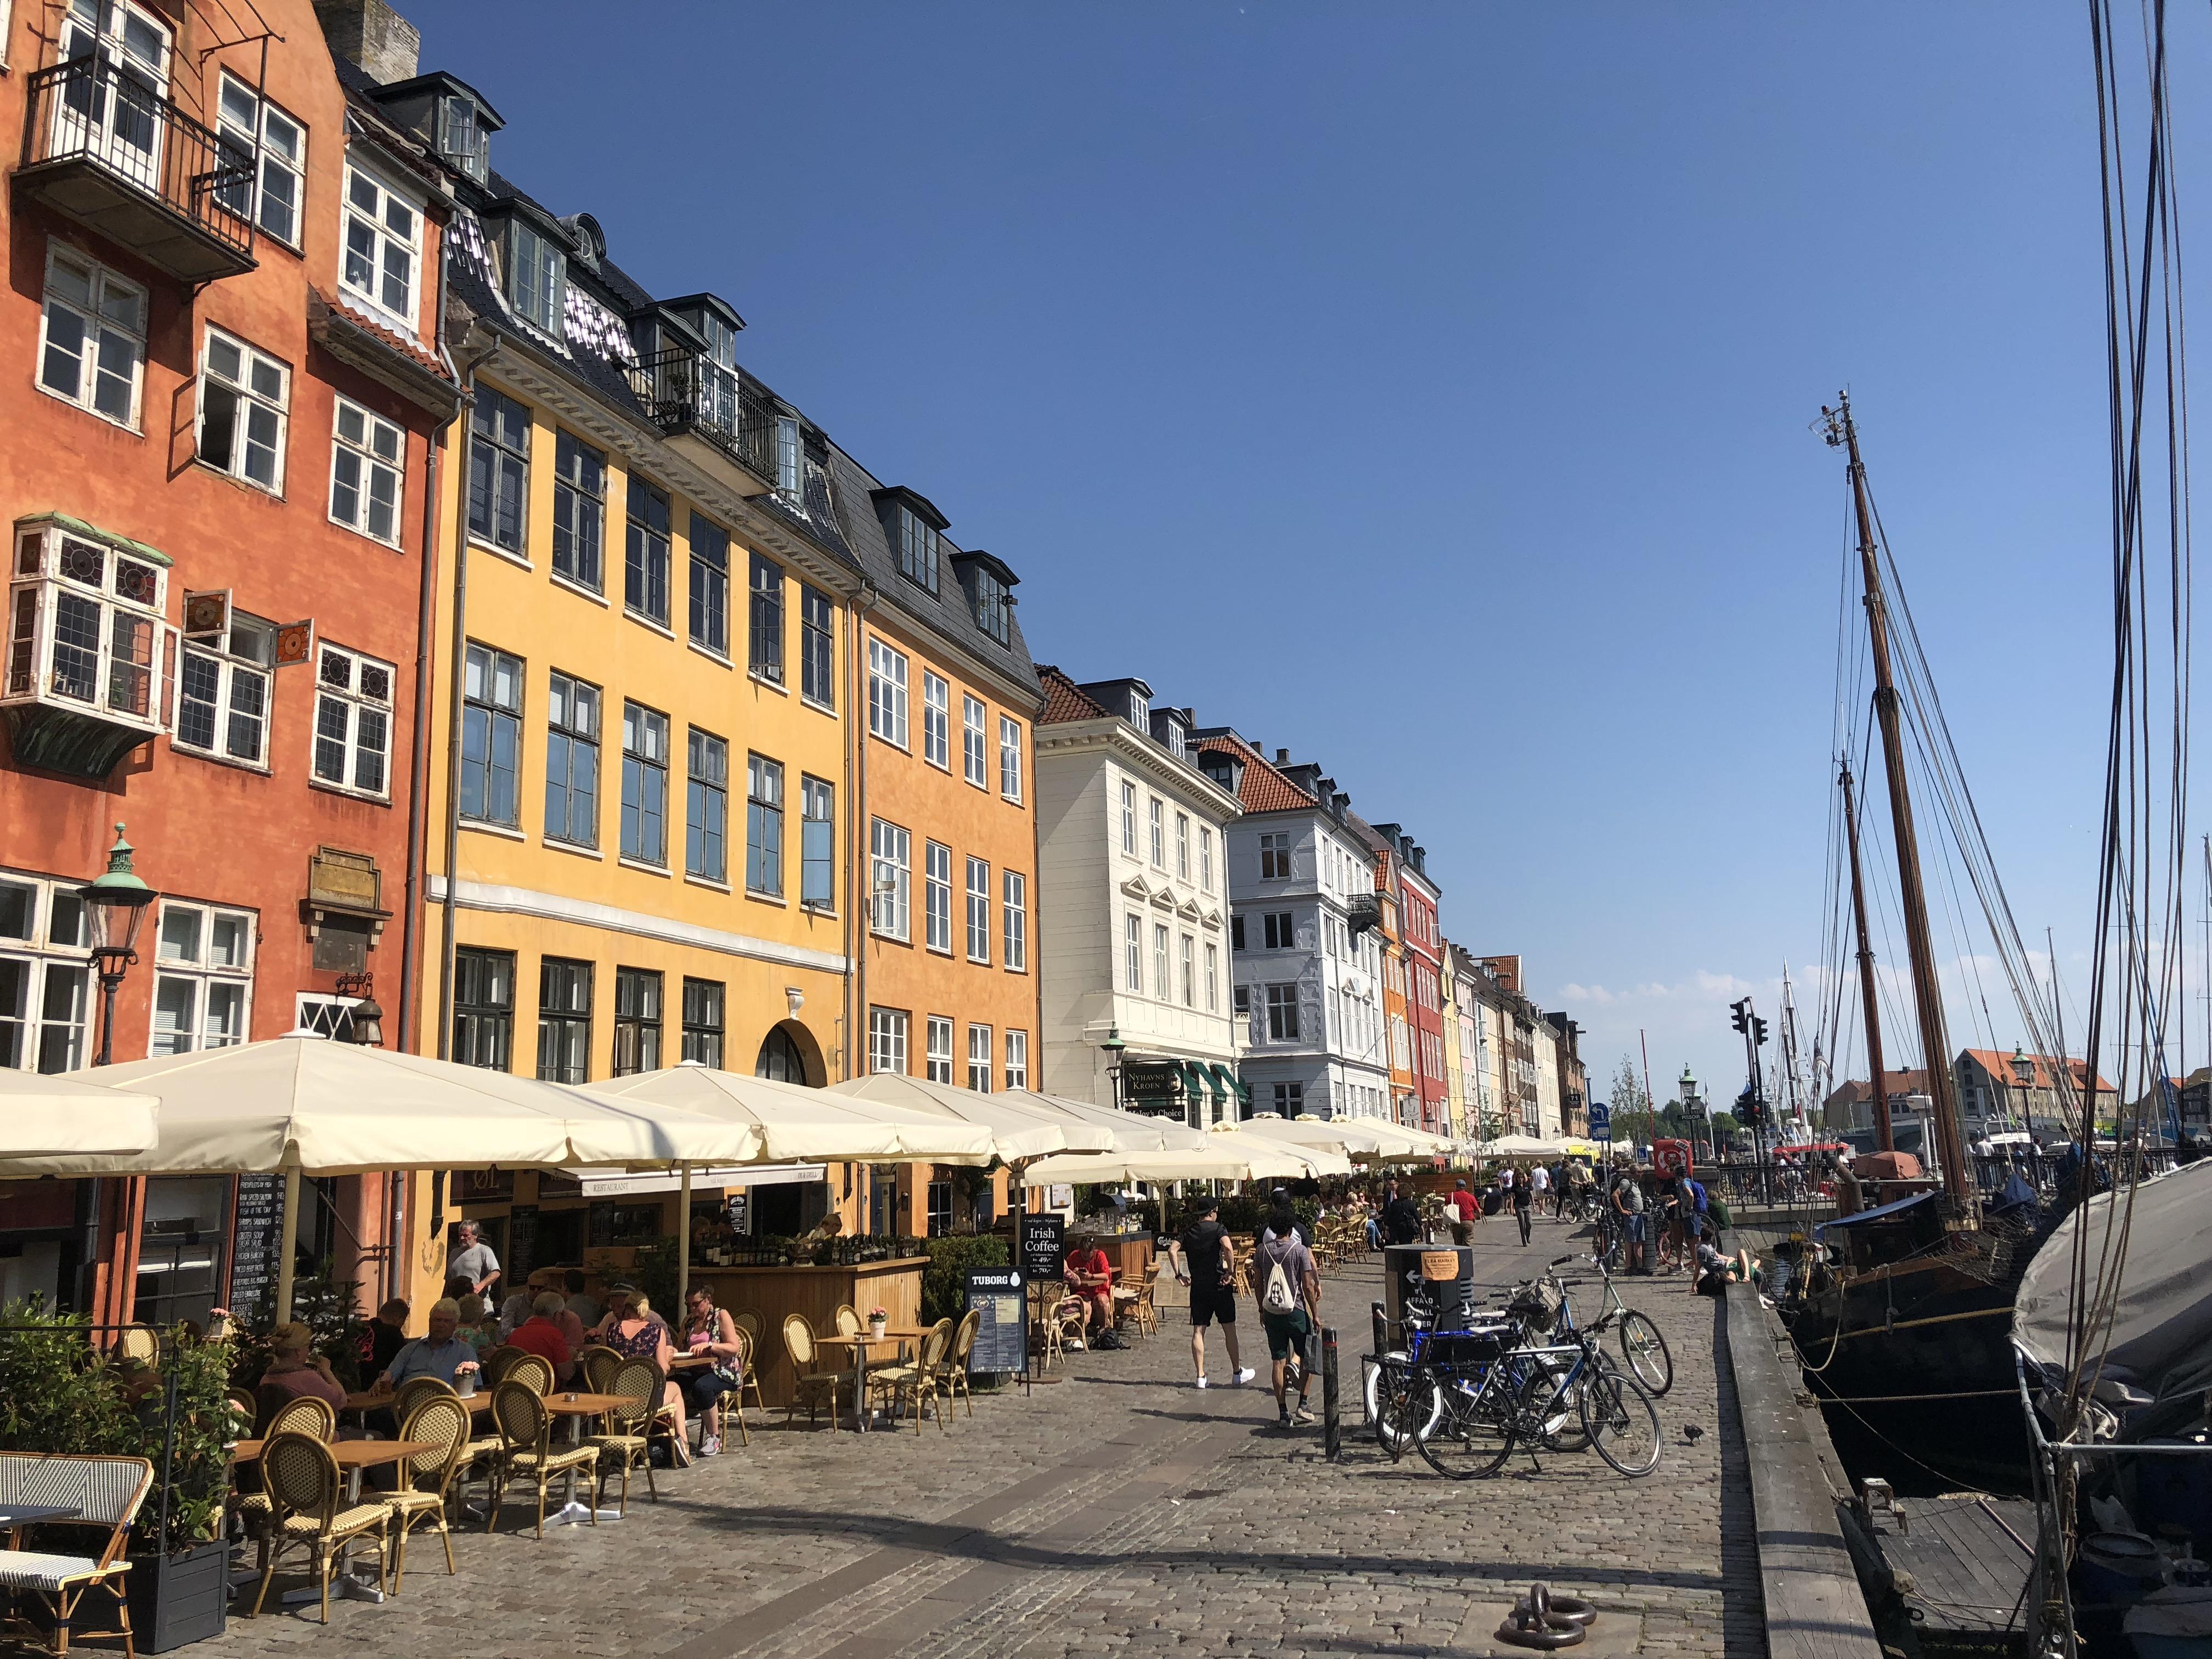 2018 Copenhagen